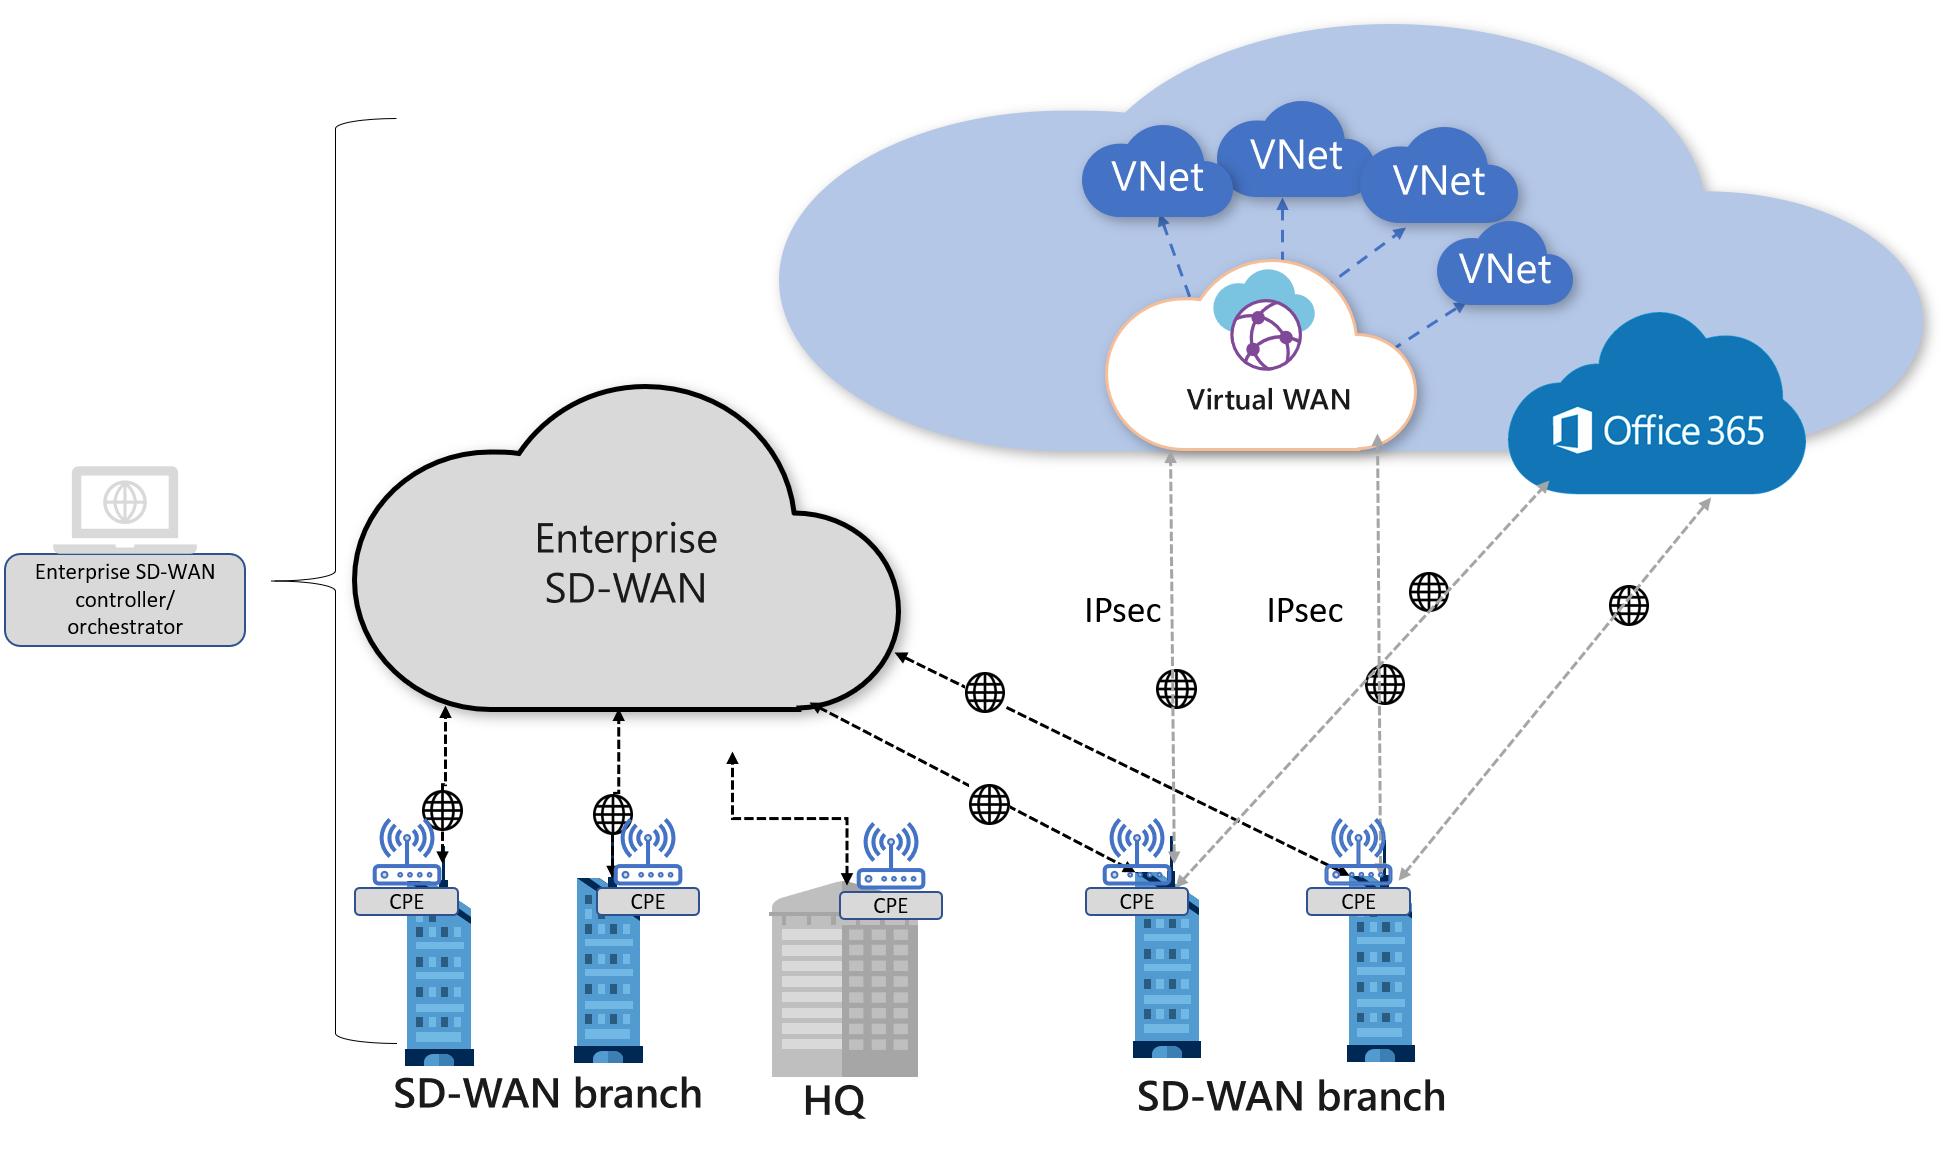 Virtual WAN と SD-WAN の接続とアーキテクチャ - Azure Virtual WAN ...